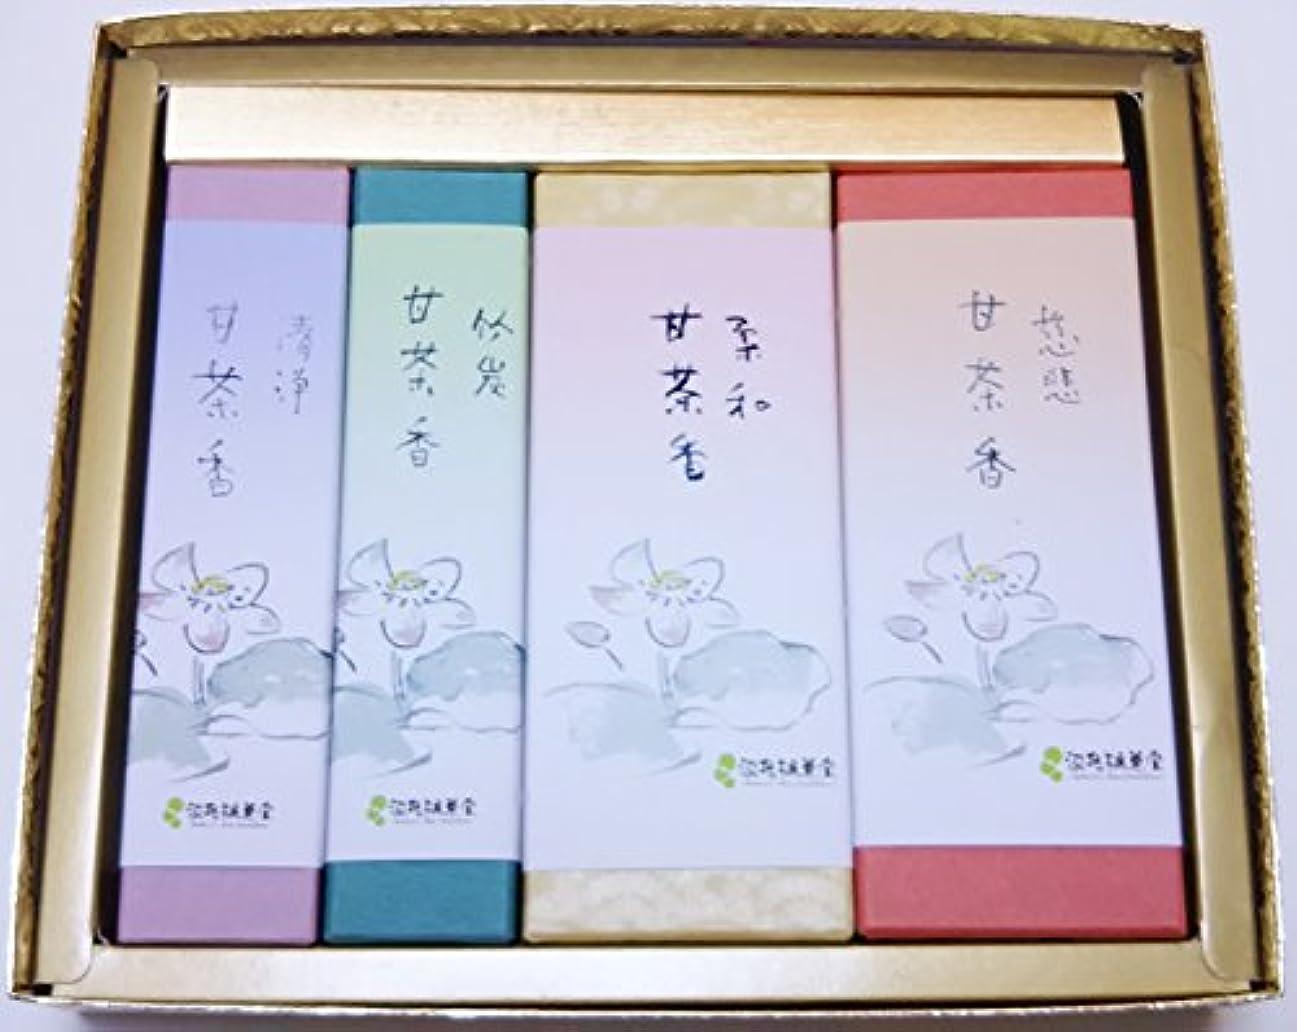 ラジエーター慣らす怠けた淡路梅薫堂 の 淡路島 神仏お好み甘茶の贈答用お線香ギフトセット #k106